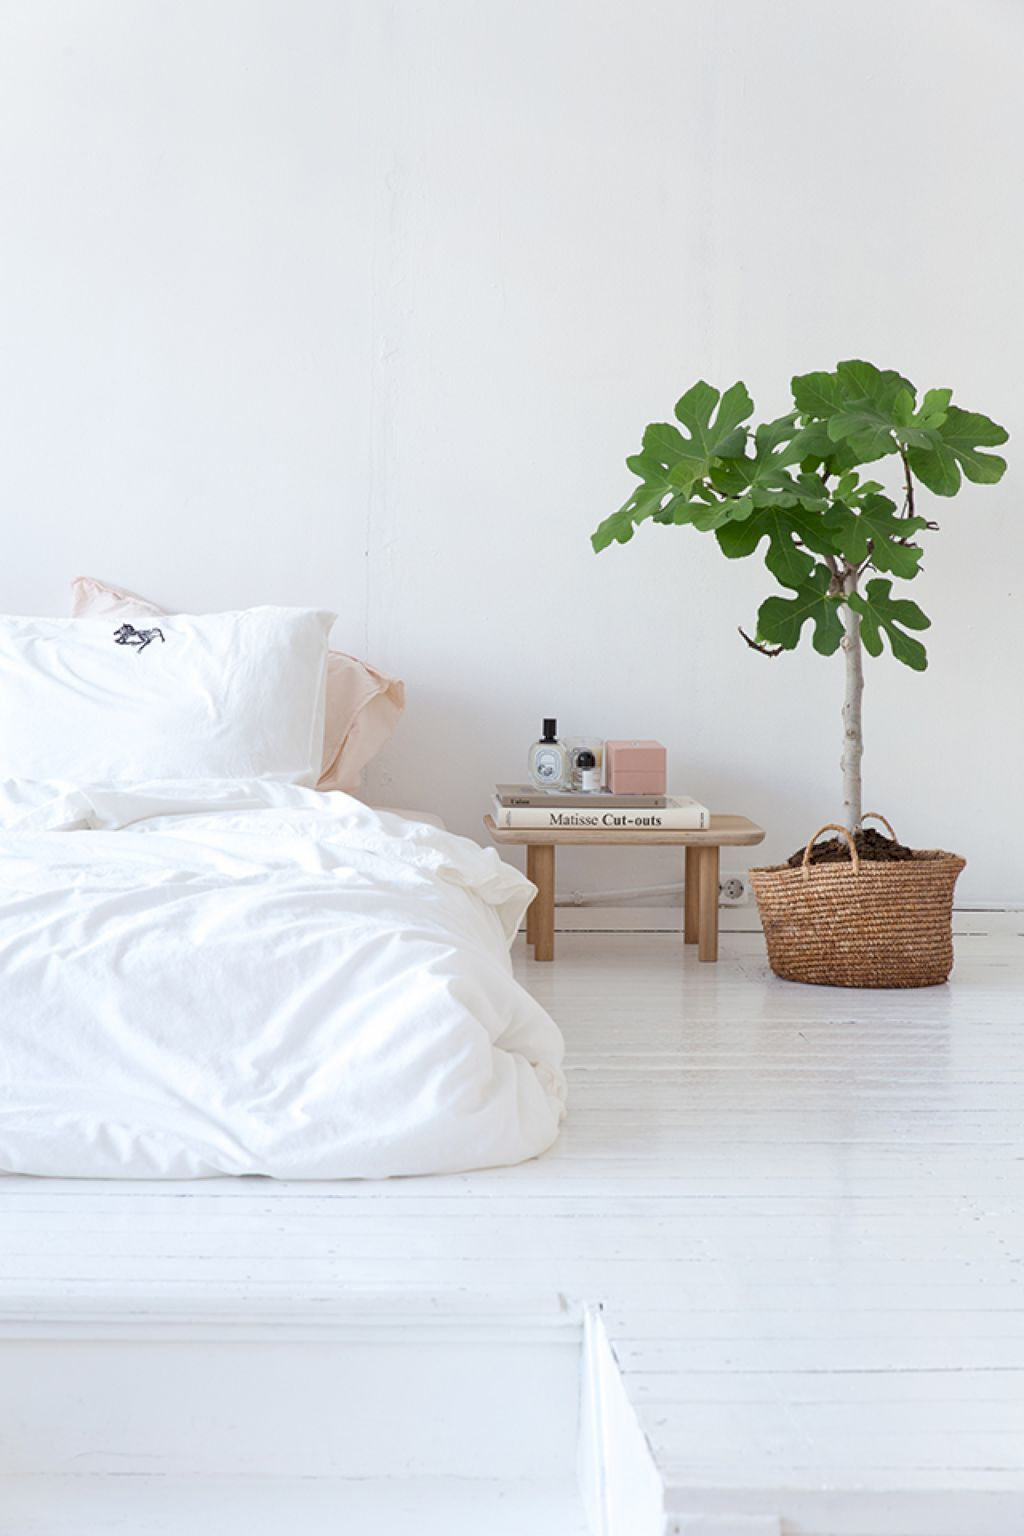 Adorable 50 Minimalist Bedroom Ideas on A